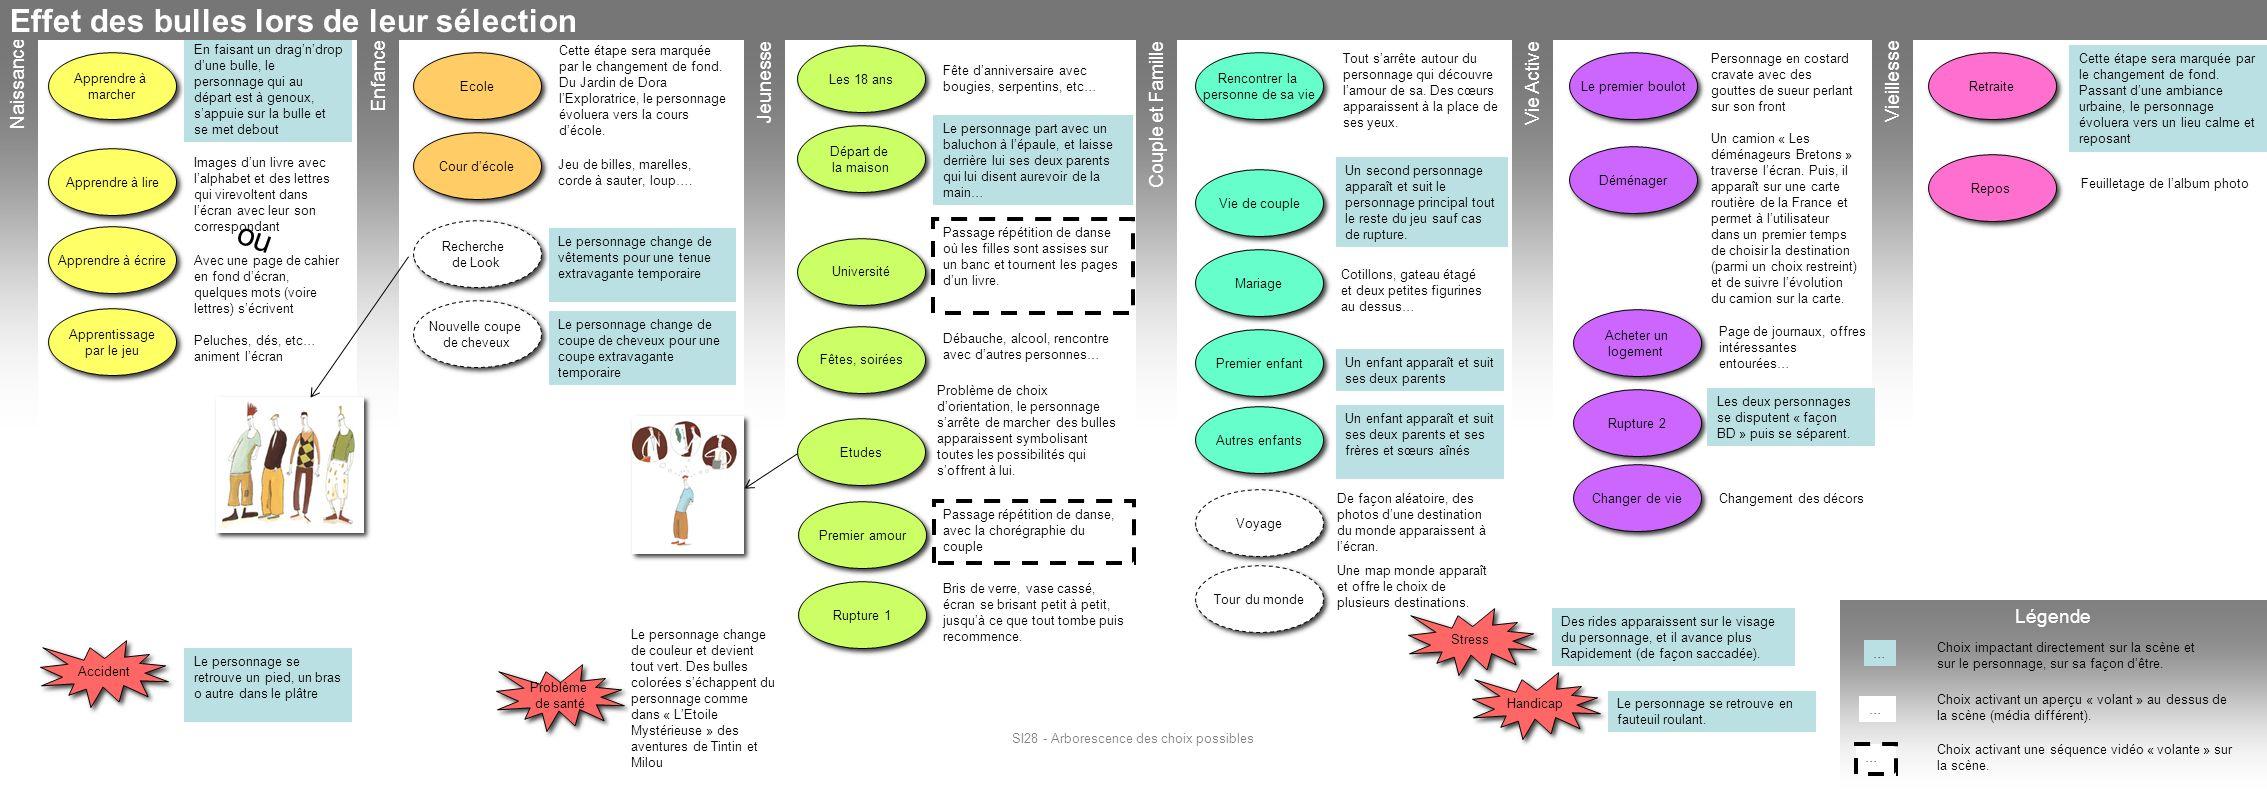 SI28 - Arborescence des choix possibles Décor Personnage Interactivité Cas particulier de certaines bulles Fin du jeu Introduction Scénario Bulles choix de vie Fond qui défile Personnage qui avance Lors du lancement du jeu, une graine volle et atterrit sur le sol à partir de laquelle un arbre pousse, grandit, se déploie : -Lorsque lutilisateur passe la souris sur une branche, celle-ci se déploie et offre un des choix du menu (ie jouer une partie, quitter le jeu, etc…) -Si le joueur ne clique sur rien, la scène dintro ne reste pas pour autant inerte, larbre évolue suivant les quatre saisons Printemps, Eté, Automne, Hiver.